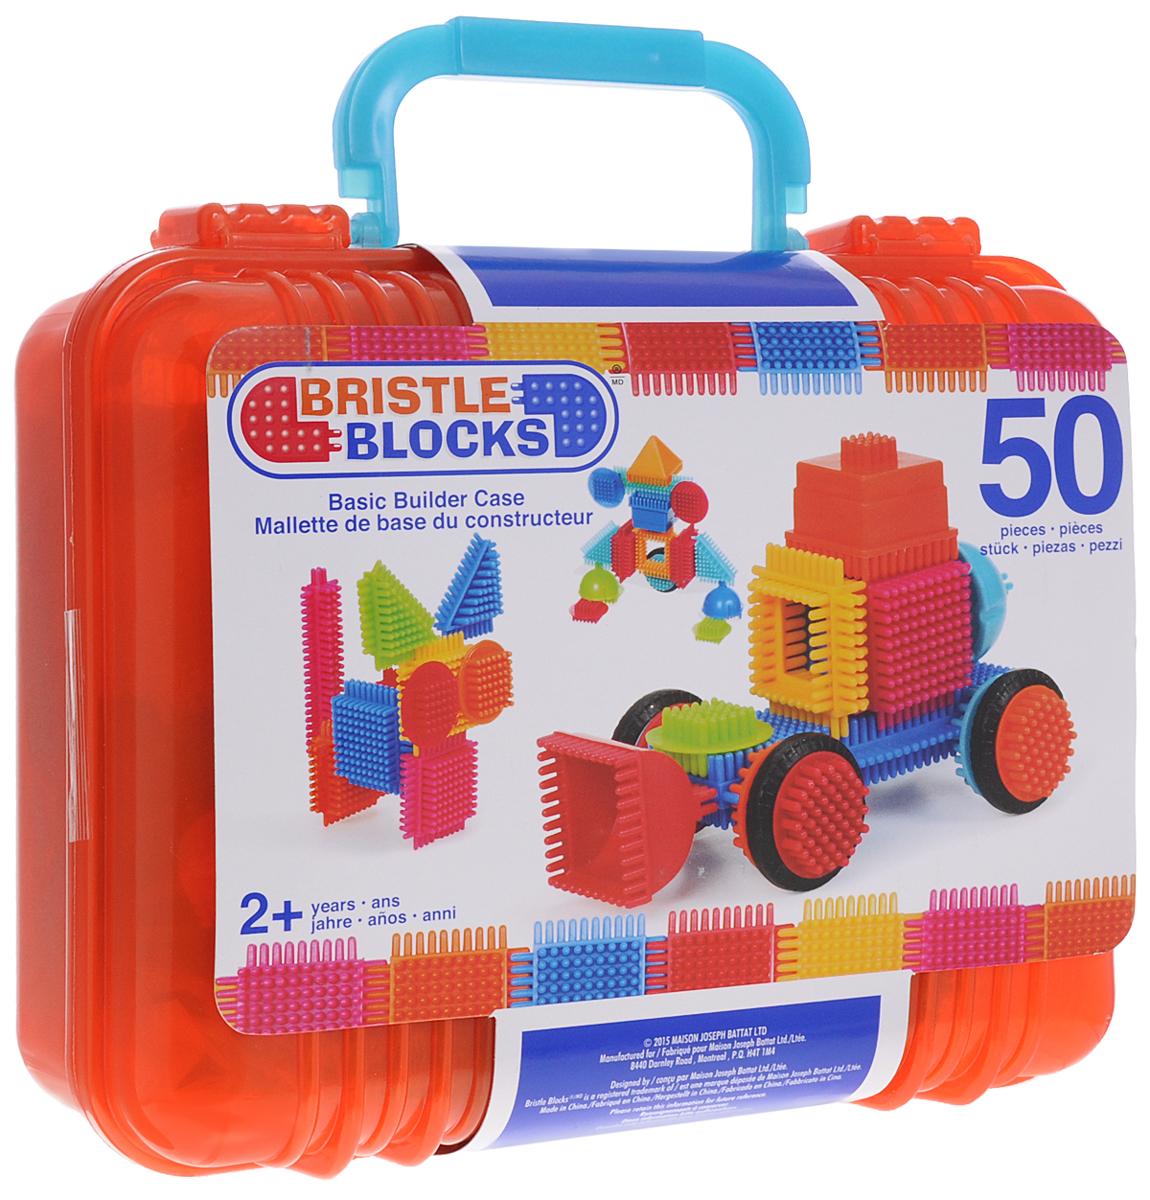 Bristle Blocks Конструктор 68164 цвет красный68164_красныйОригинальный игольчатый конструктор Bristle Blocks - тактильный детский конструктор, который позволит вашему ребенку проявить фантазию. Увлекательный конструктор, состоящий из множества ярких щетинистых блоков разной формы, размеров и цветов. Пластиковые элементы легко и быстро скрепляются, при этом обеспечивая прочное сцепление. Ваш ребенок будет часами сидеть за творческой работой, соединяя необычные игольчатые элементы в уникальные сооружения, напоминающие джунгли. Конструктор содержит 50 элементов, из которых можно собрать конструкции с подвижными частями. Конструктор упакован в пластиковый контейнер с крышкой, удобный для хранения. Крышка контейнера может служить платформой для постройки. Игольчатый конструктор поможет ребенку развить мелкую моторику рук, логическое и пространственное мышление, творческие способности, а также поможет научиться соотносить форму и величину предметов.